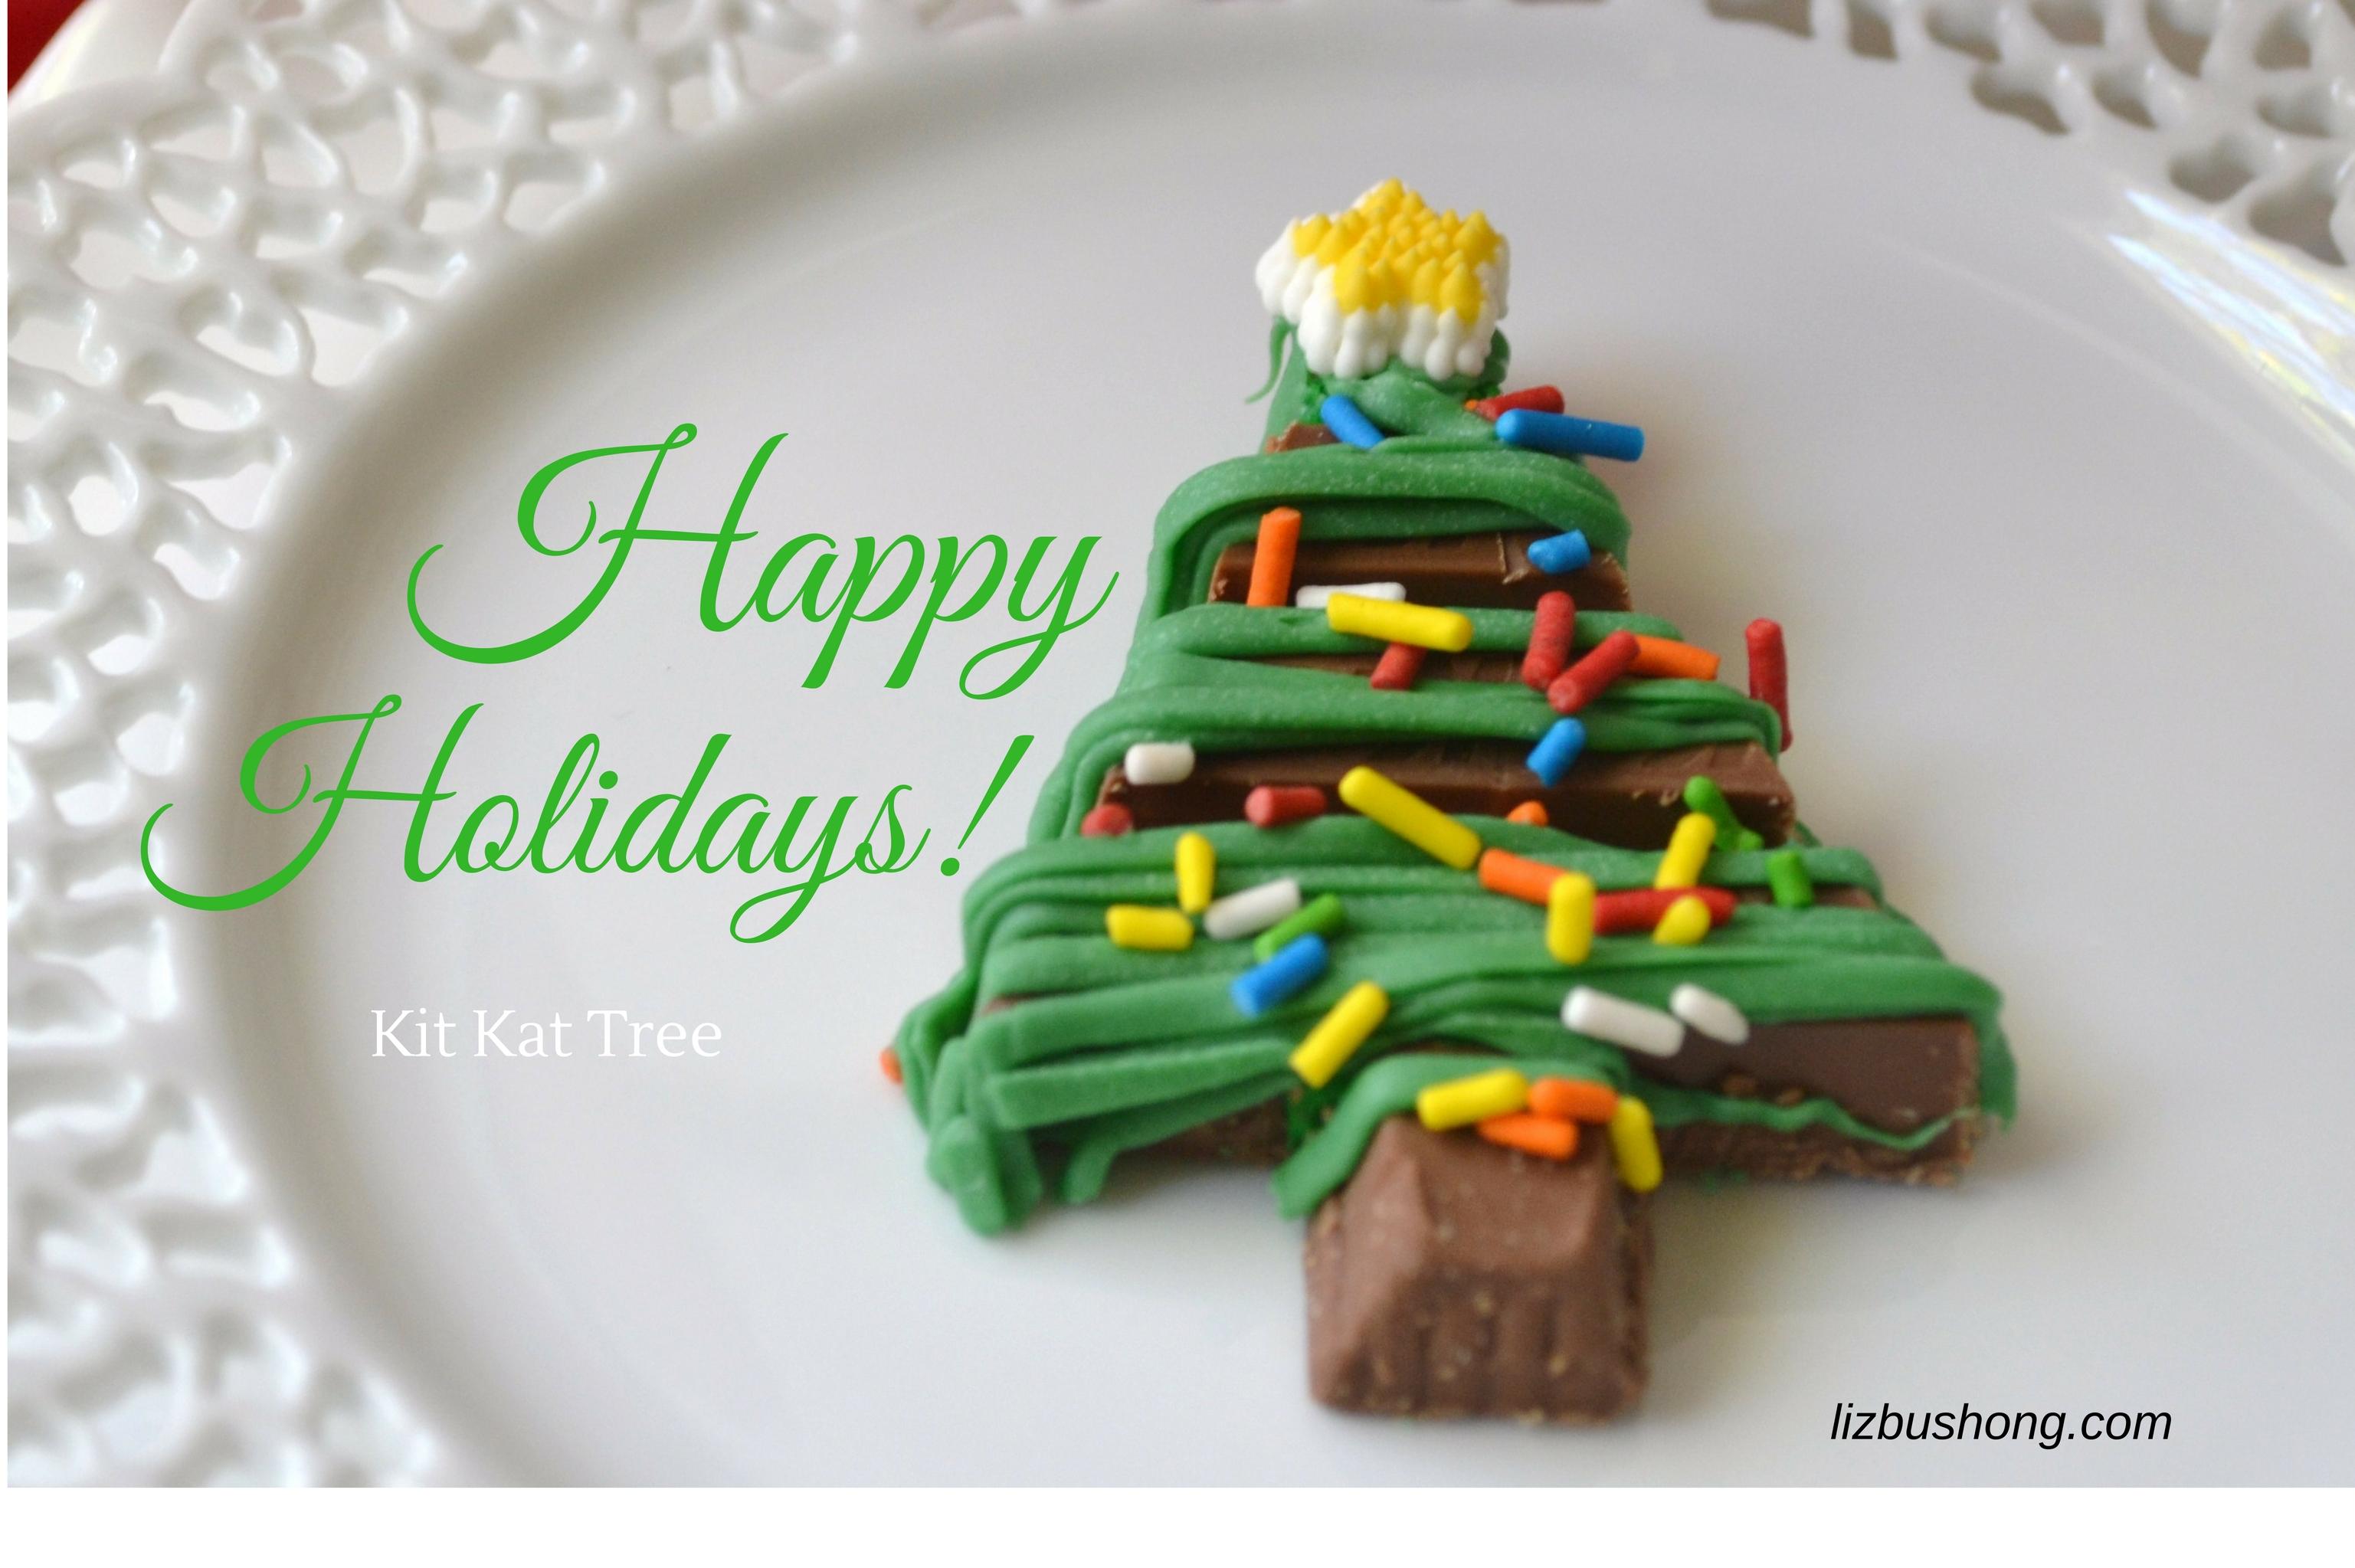 kit kat Christmas tree-www.lizbushong.com